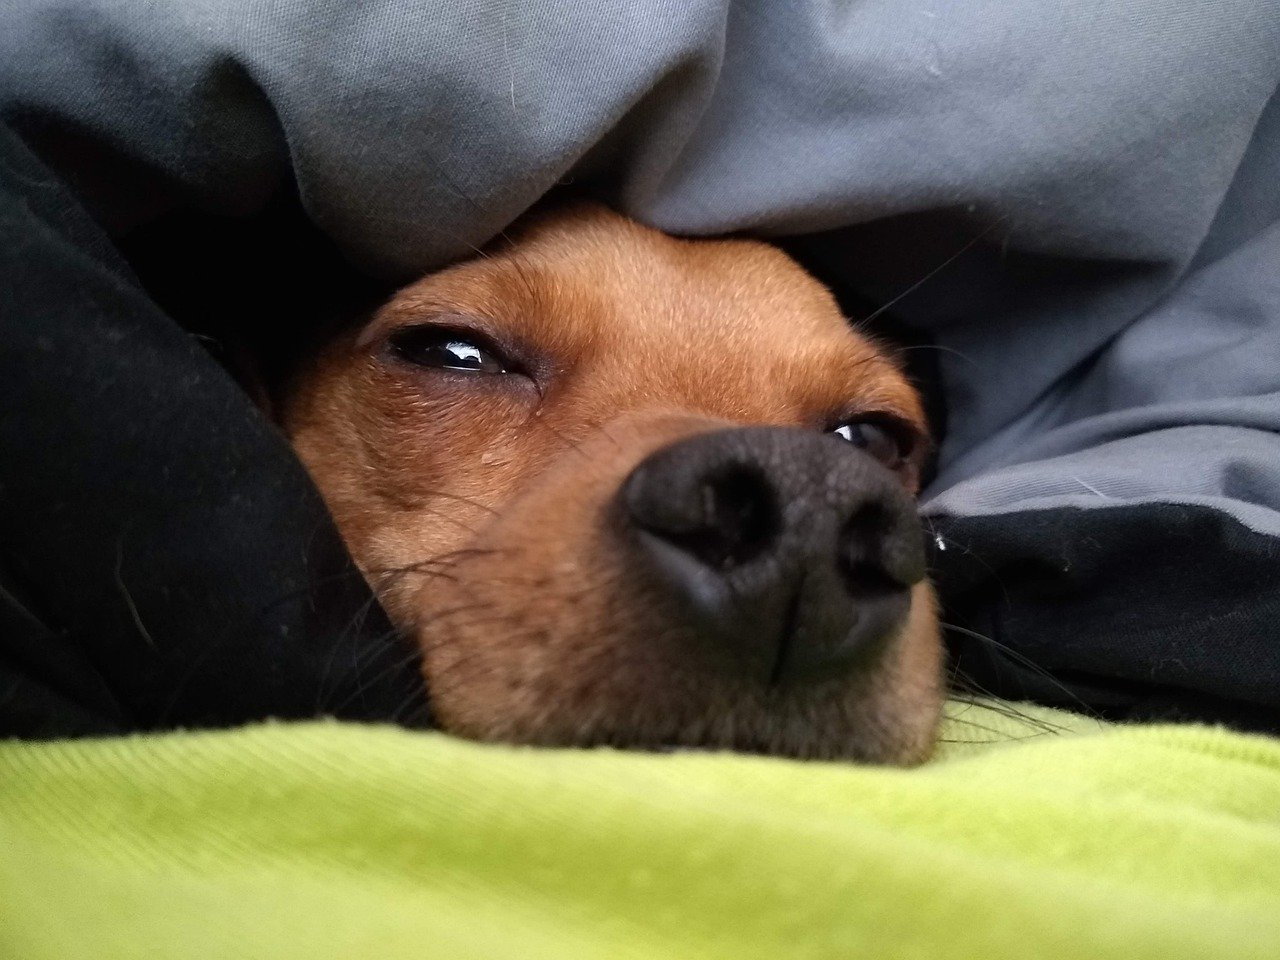 Meu cão tem o hábito de se enfiar embaixo das cobertas; algum problema nisso?